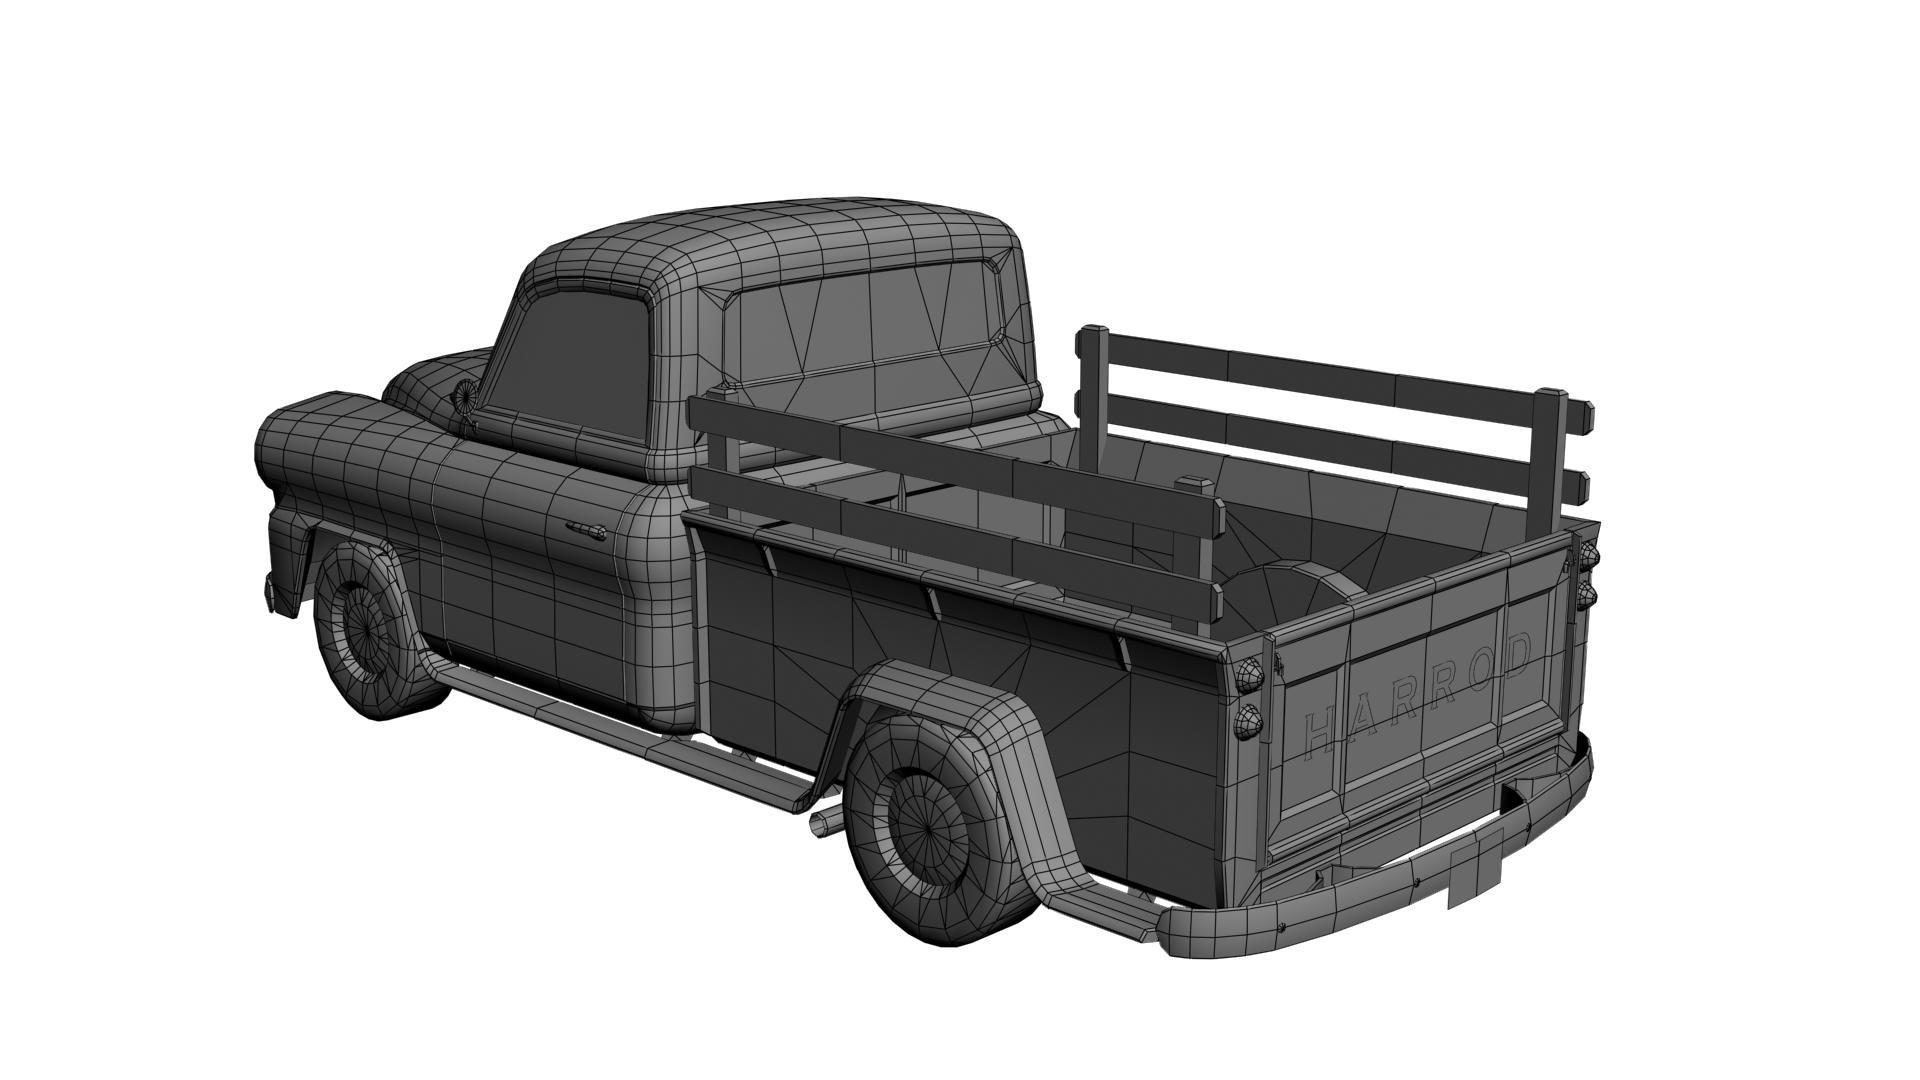 Peter Harrod Pick Up Truck Rear